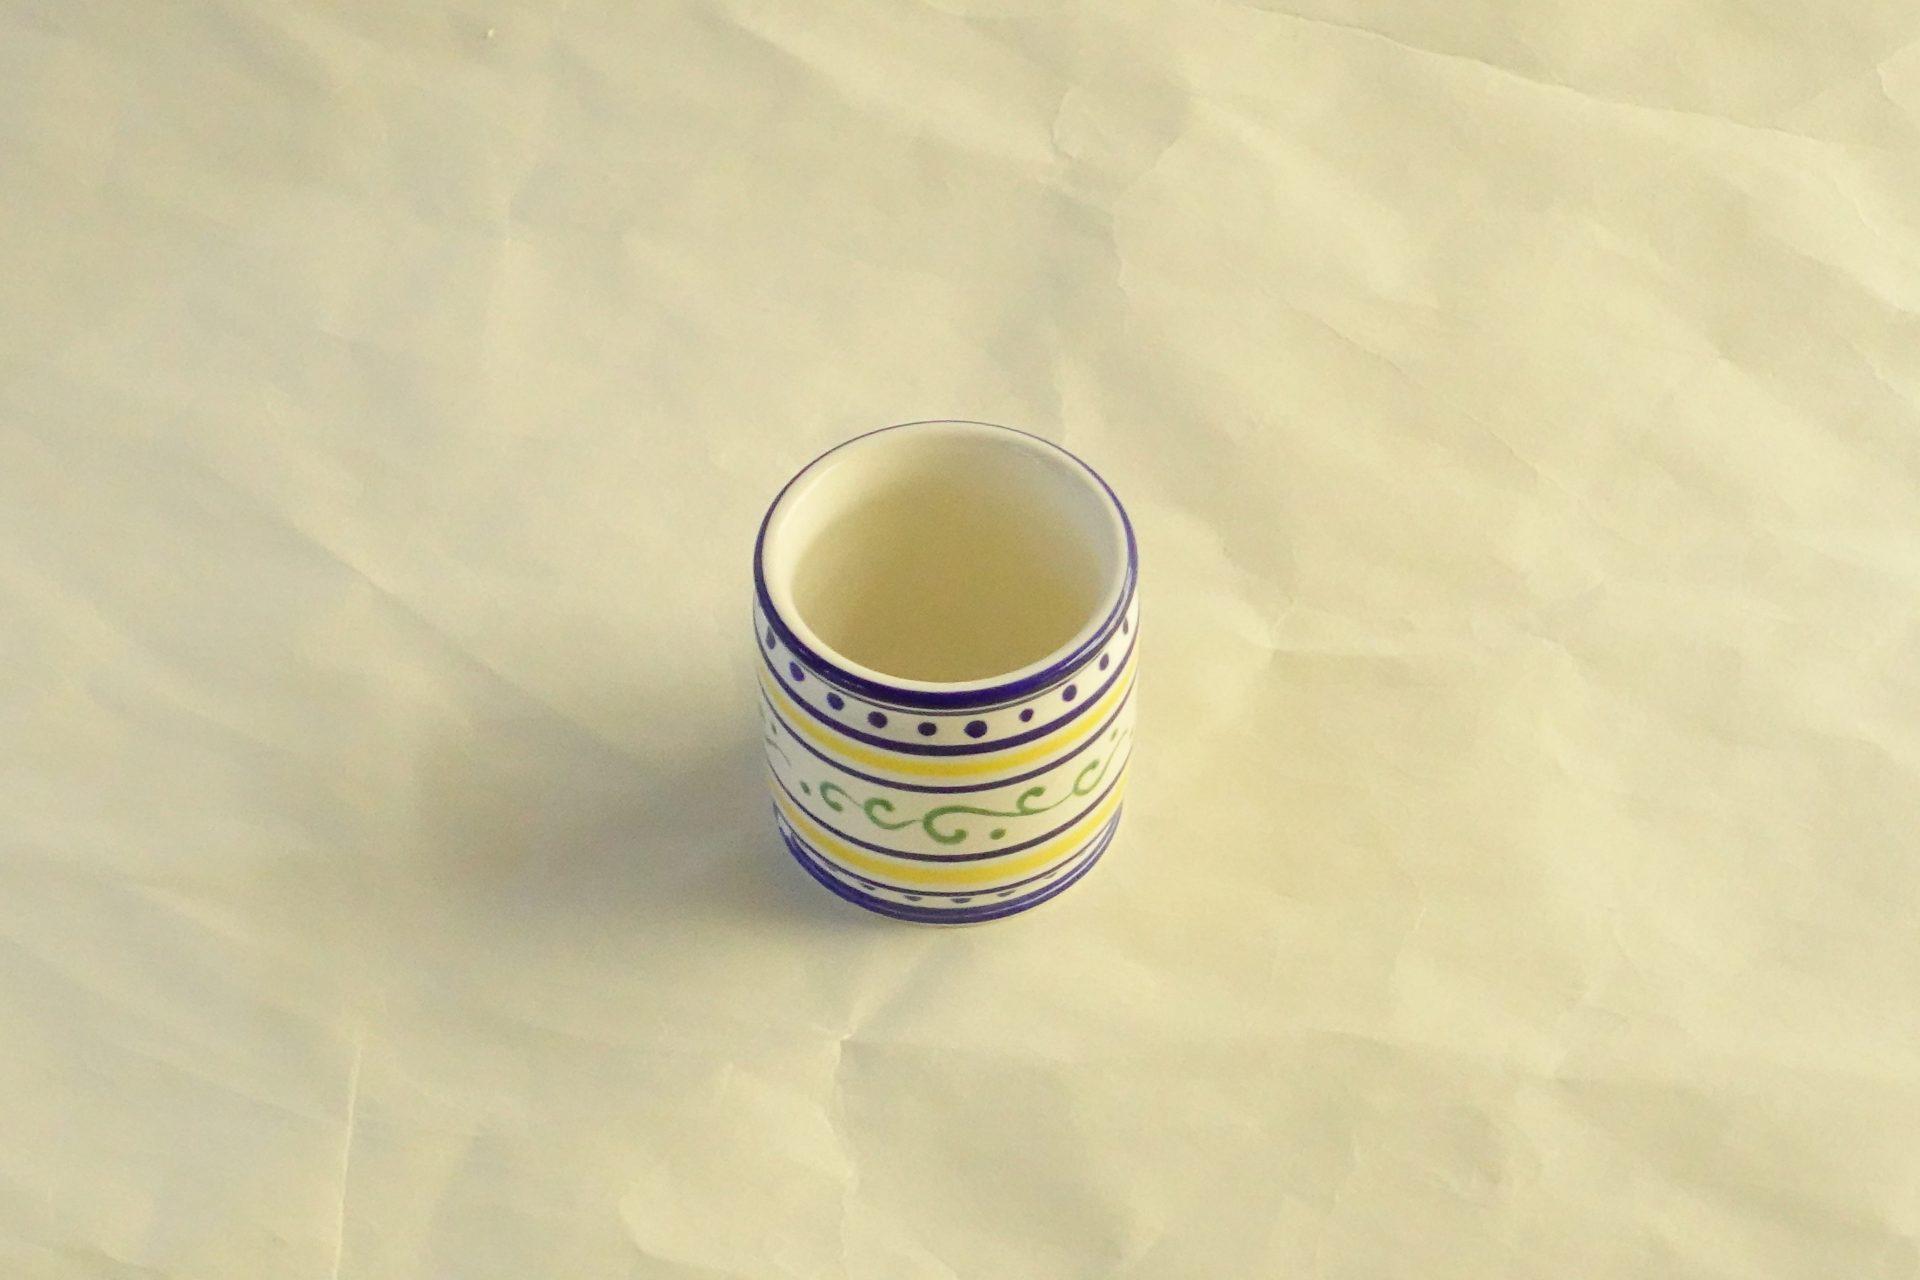 真葛香斎 オランダ 和蘭 蓋置 茶道 釜の蓋 柄杓を引く 茶会のテーマ 季節 目立つ なくてはならない存在 江戸時代 オランダ船 紅毛 白磁 藍色 黄色 緑色 絵筆 生き生き ヨーロッパの雰囲気 波紋 一珍の技法 絵柄浮き上がって 立体的 さわやか すがすがしさを感じる 逸品